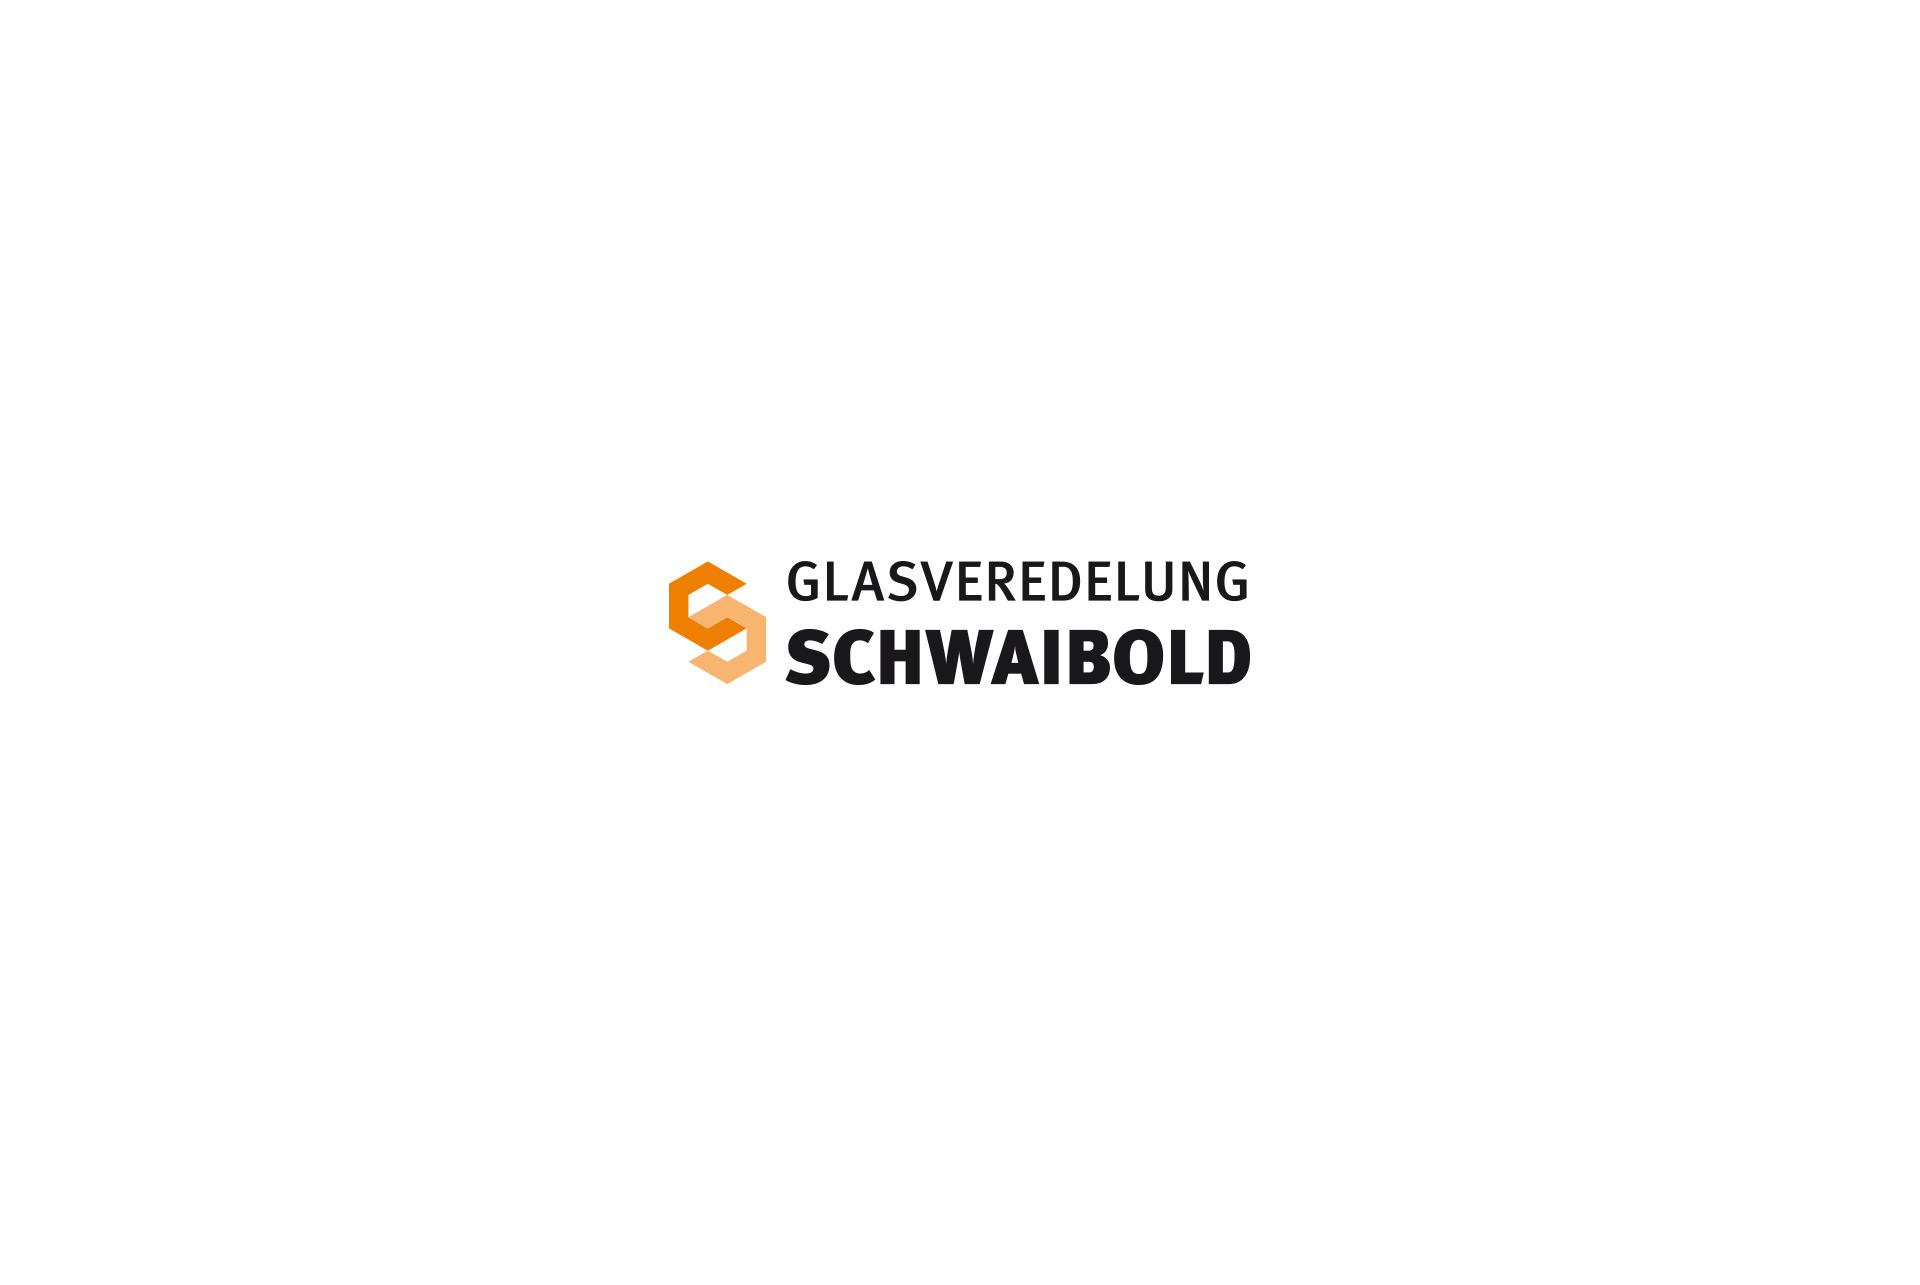 Glasveredelung Schwaibold